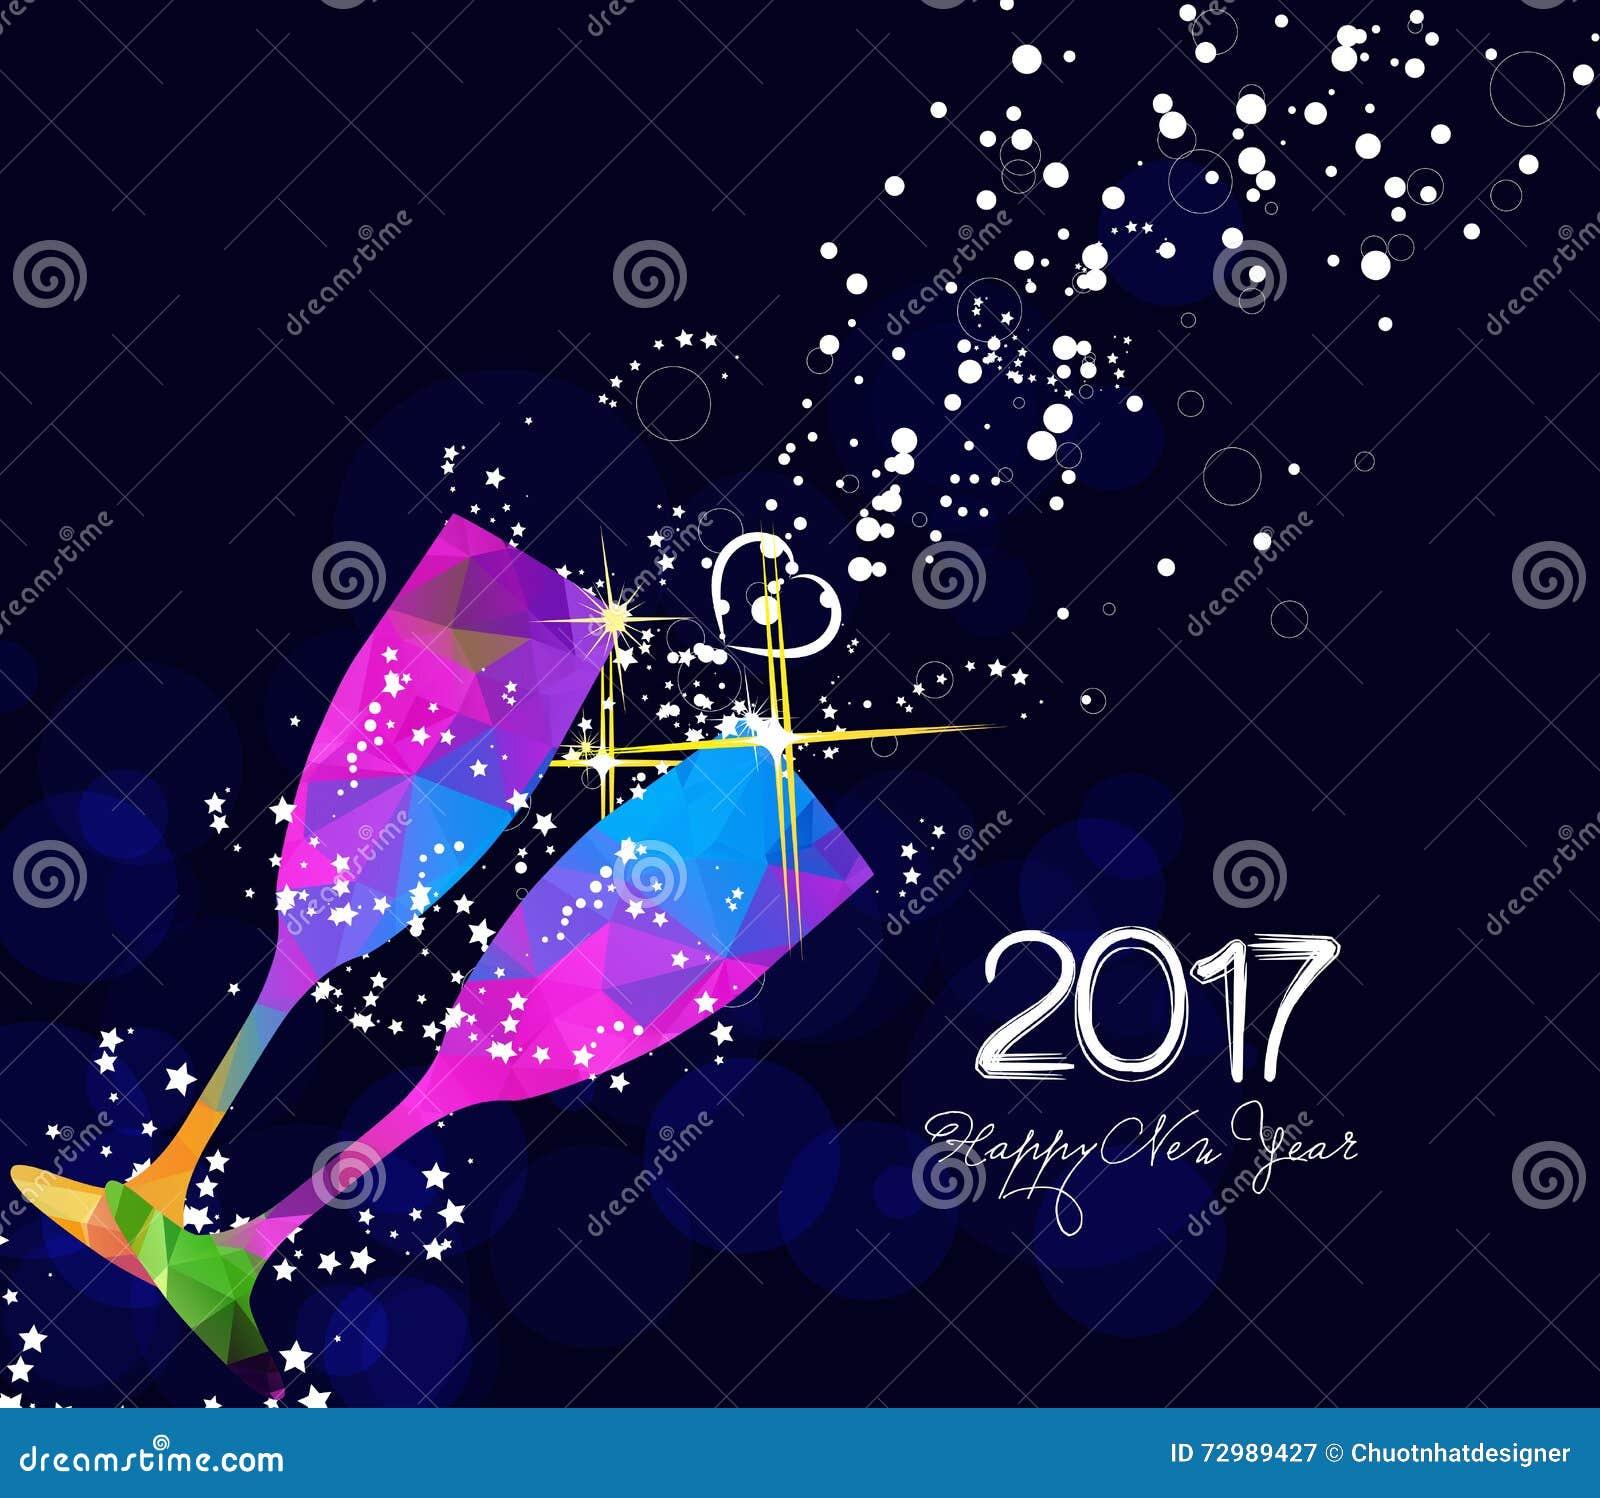 Conception de la carte de voeux 2017 ou de l 39 affiche de bonne ann e avec le verre color de - Cartes de voeux virtuelles 2017 ...